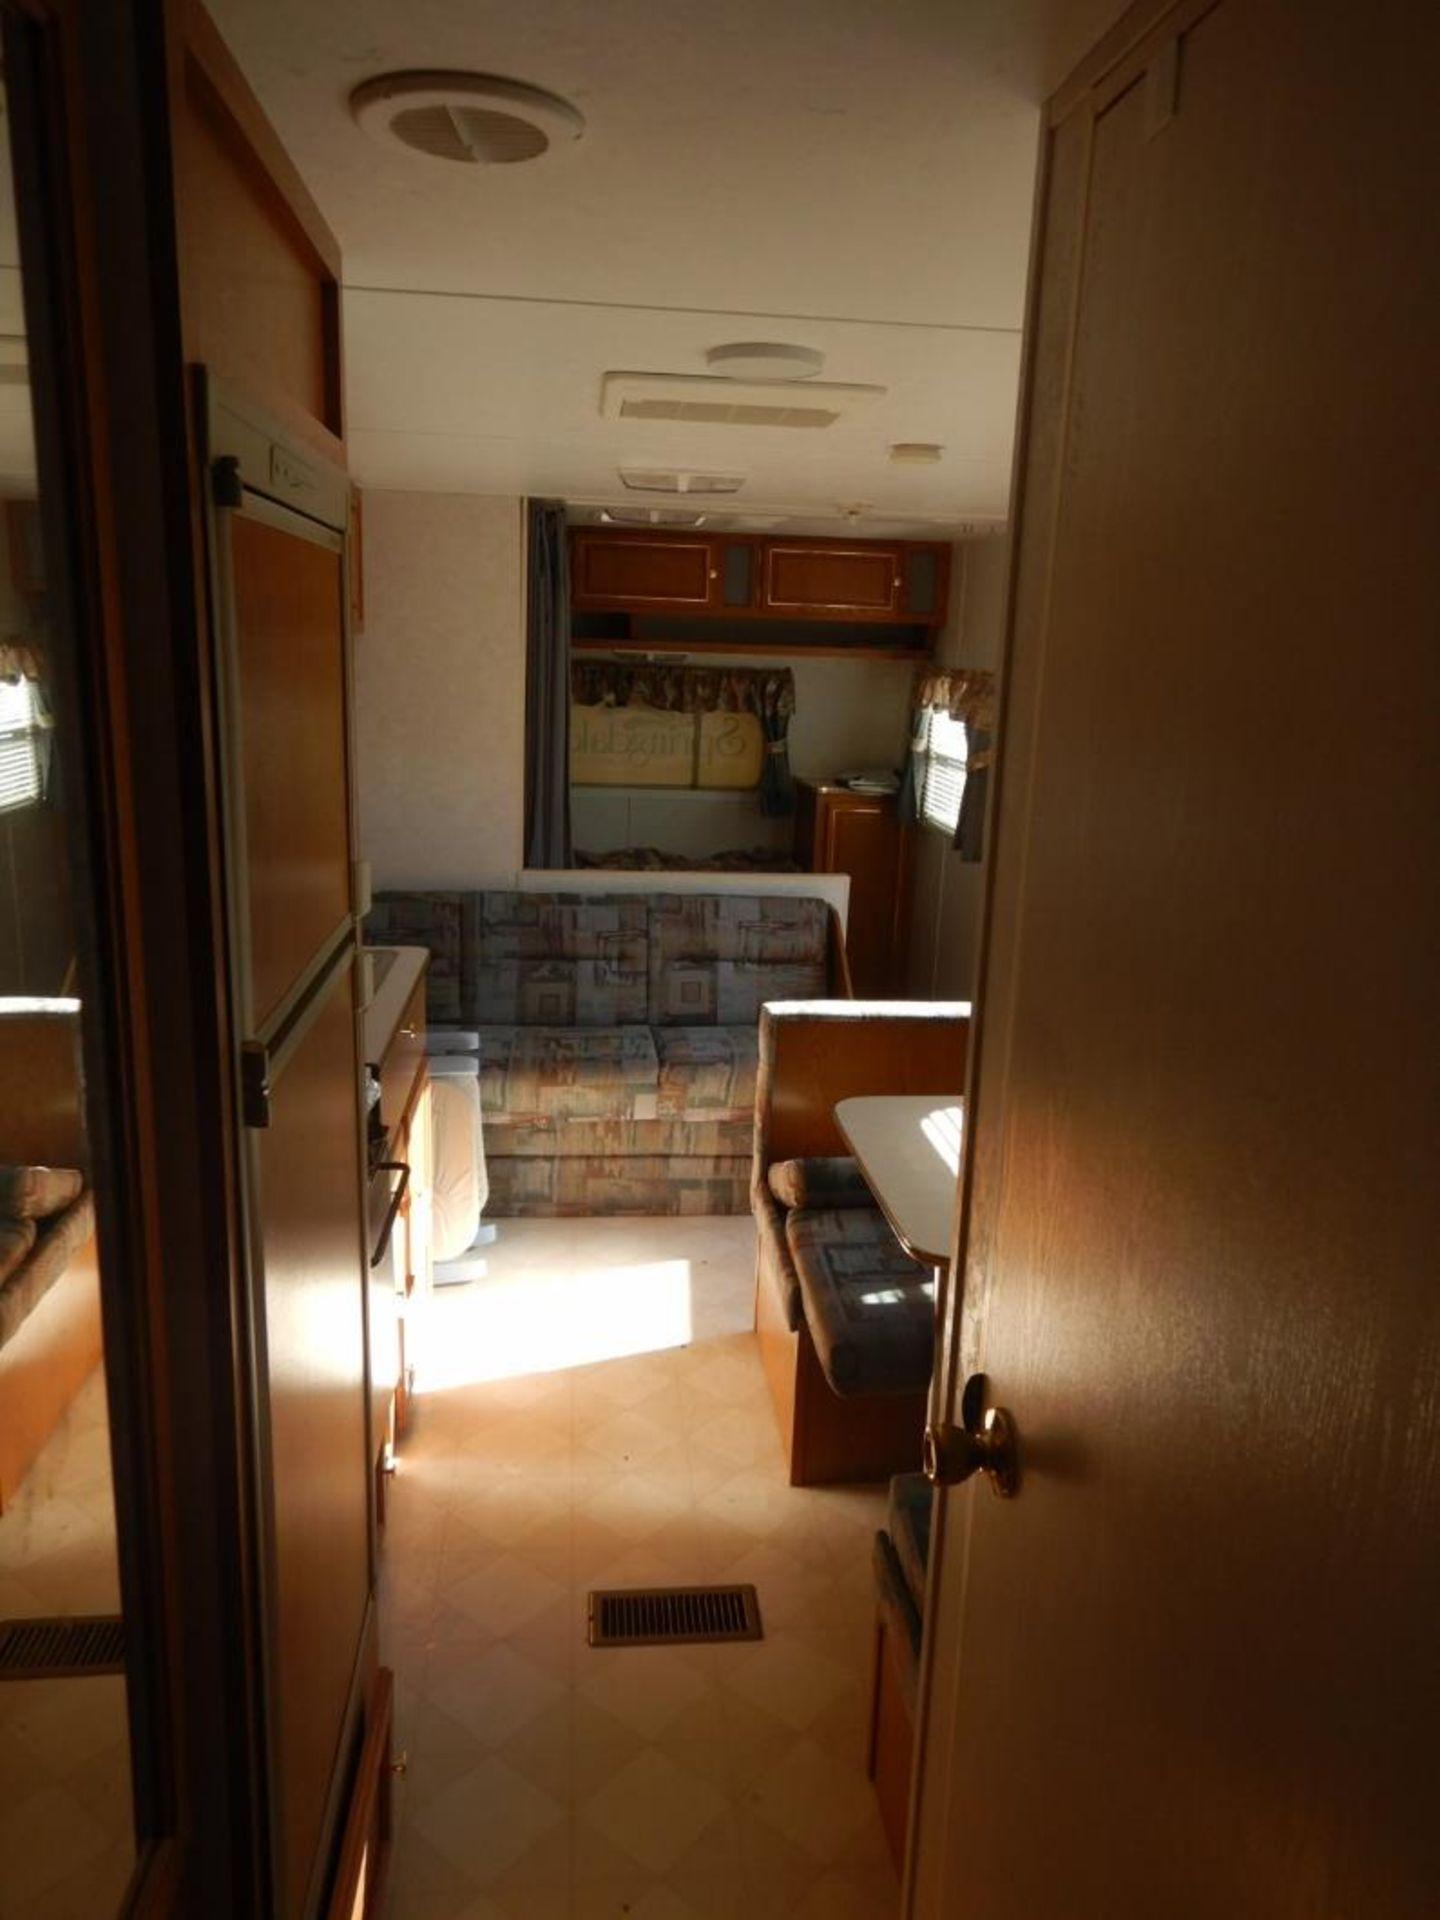 06/1998 KEYSTONE SPRINGDALE LITE 203B T/A RV TRAILER W/FRONT BEDROOM, CENTRE DINETTE S/N - Image 13 of 14